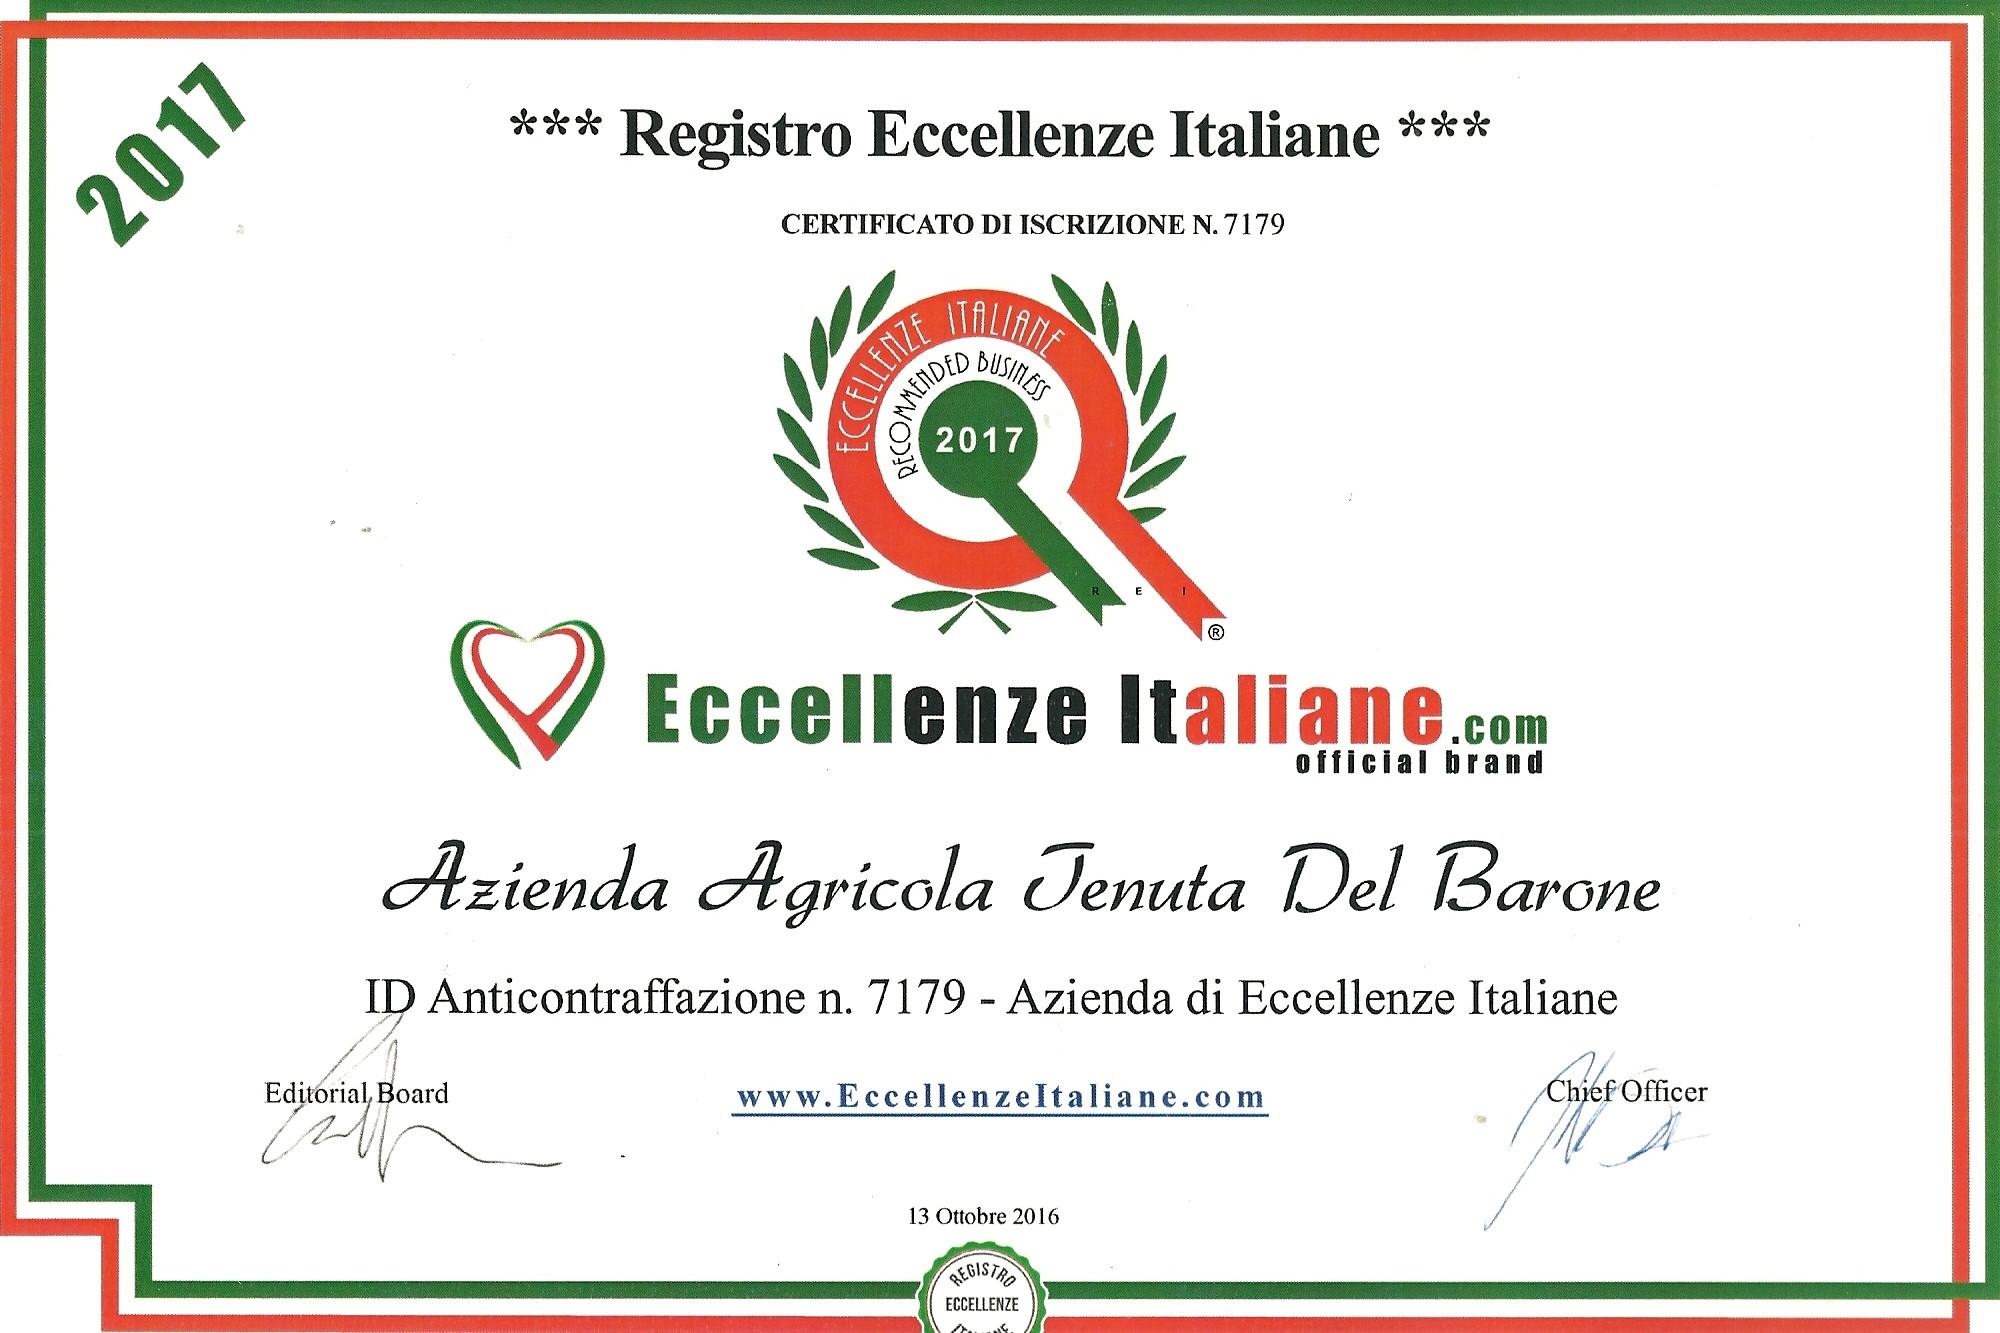 tenuta del barone eccellenza italiana vino